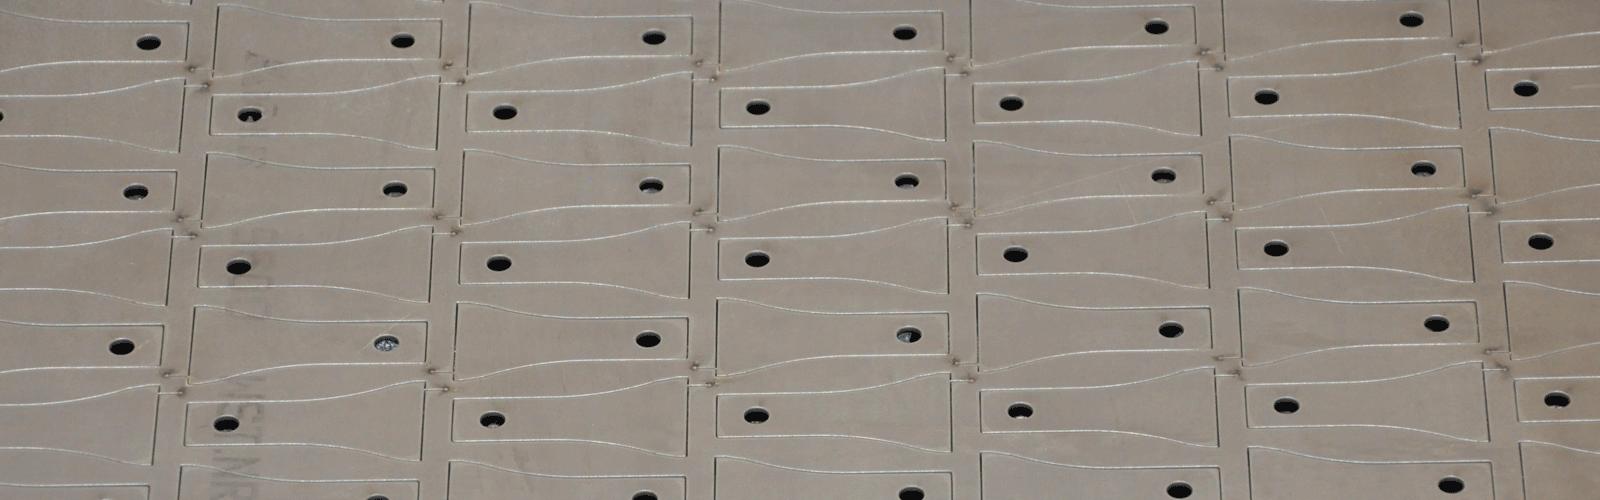 Laserzuschnitt für Granuliermesser